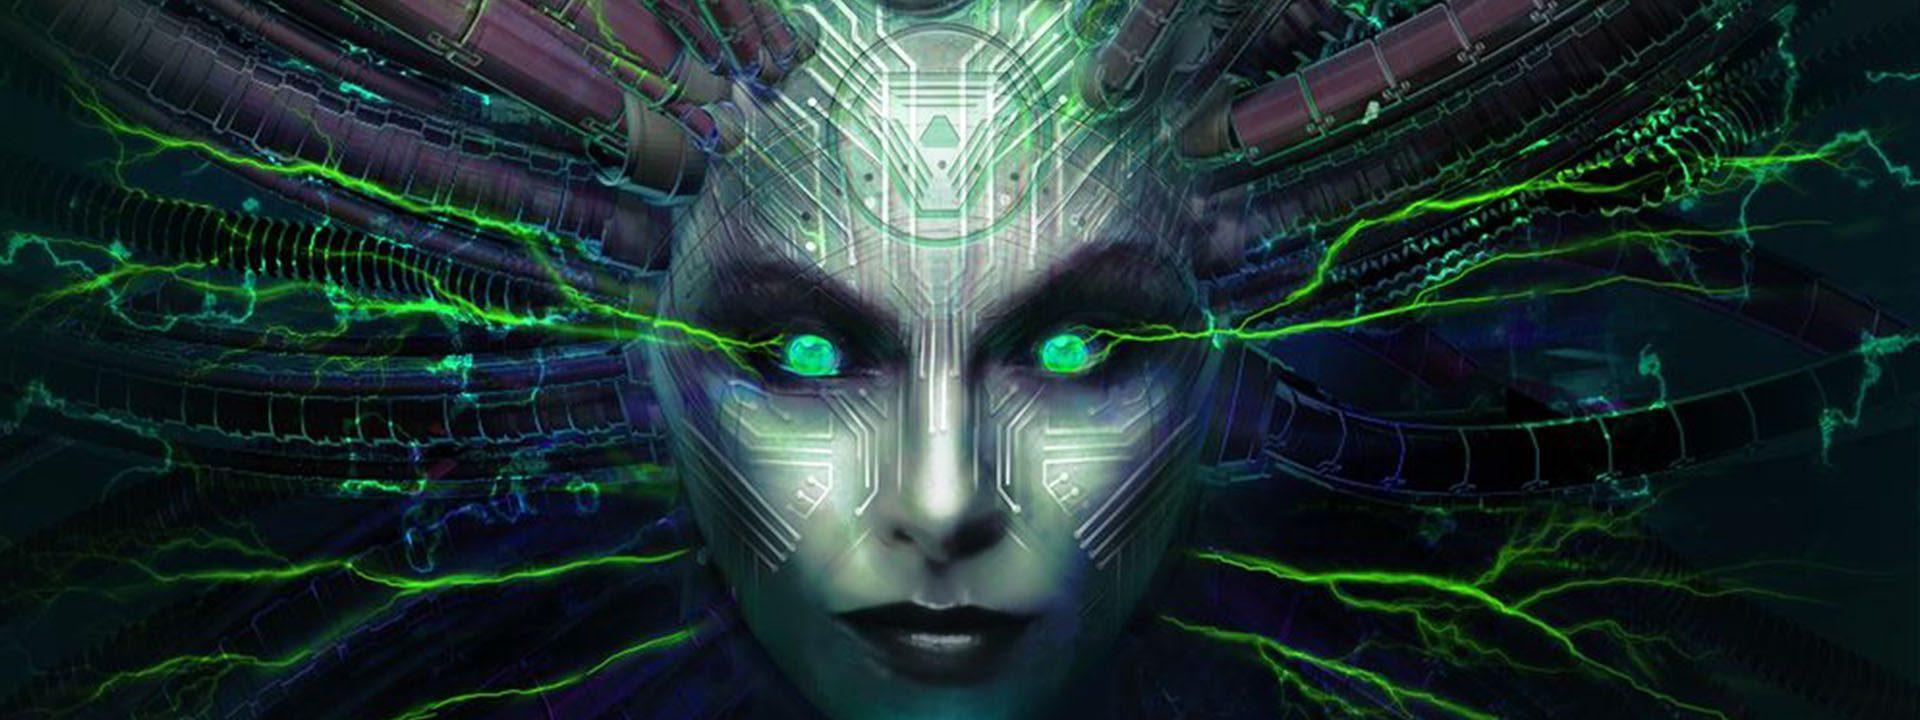 Разорившаяся Starbreeze продала права на System Shock 3 обратно разработчикам